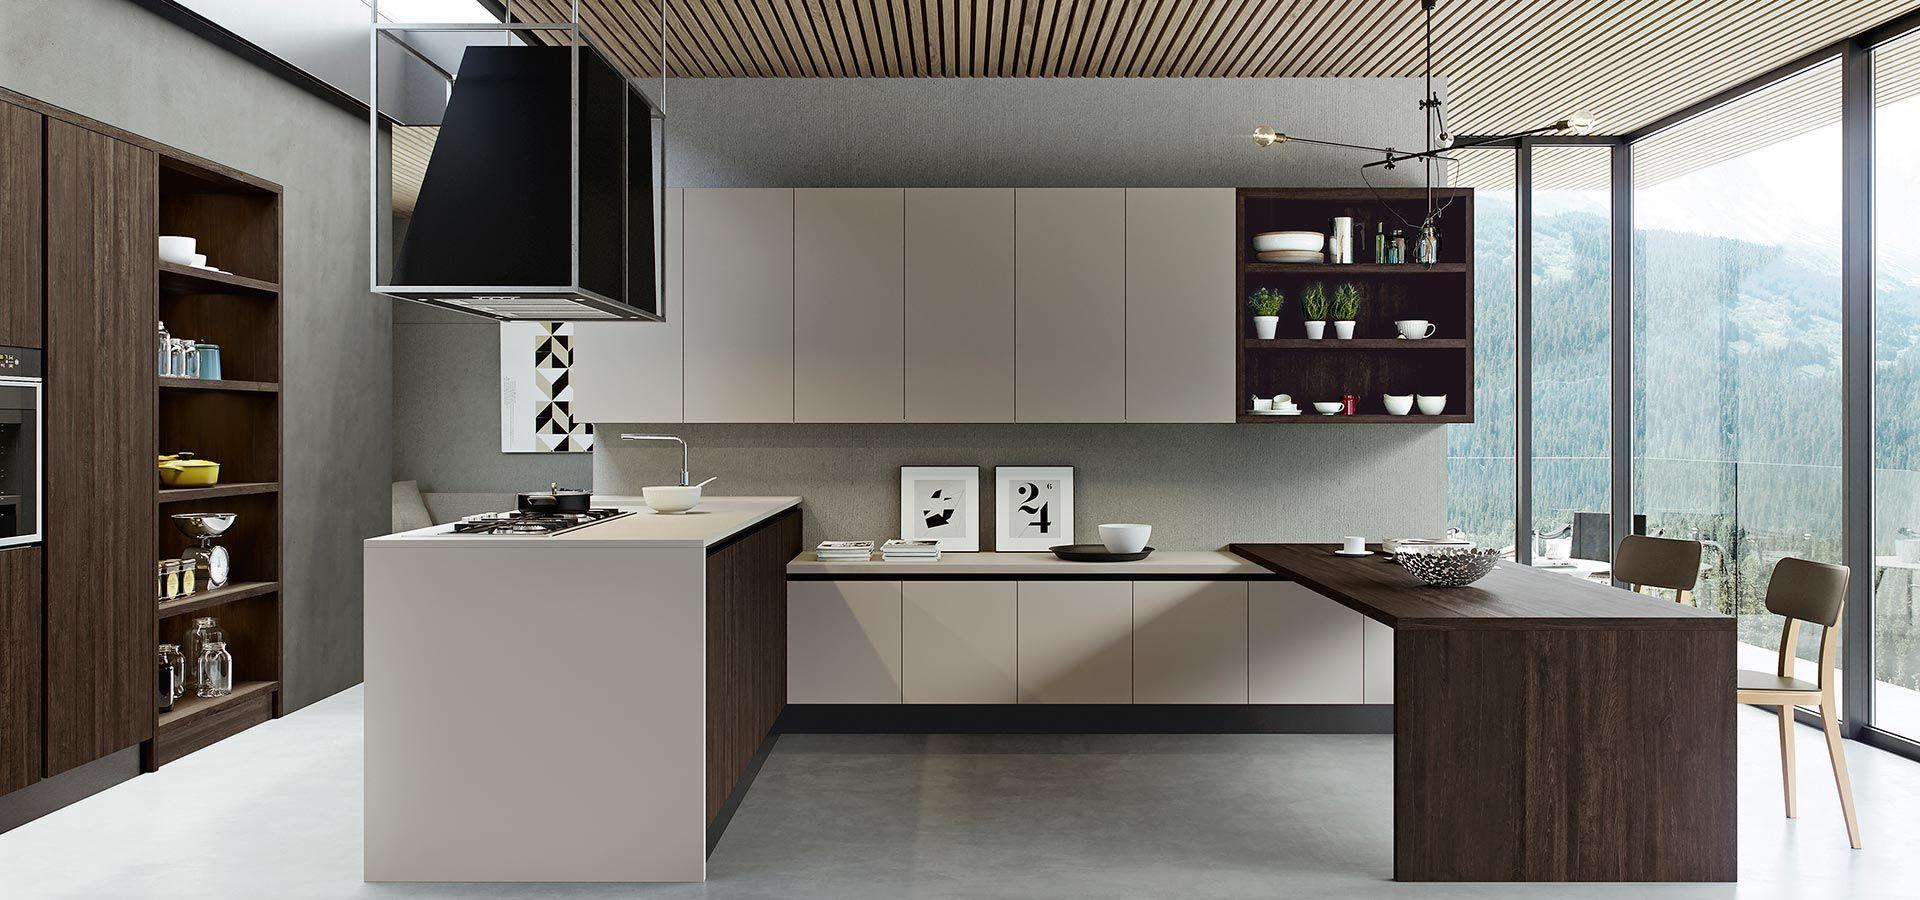 Modern Kitchen Kali Arredo3 Kitchen Pinterest Kitchen